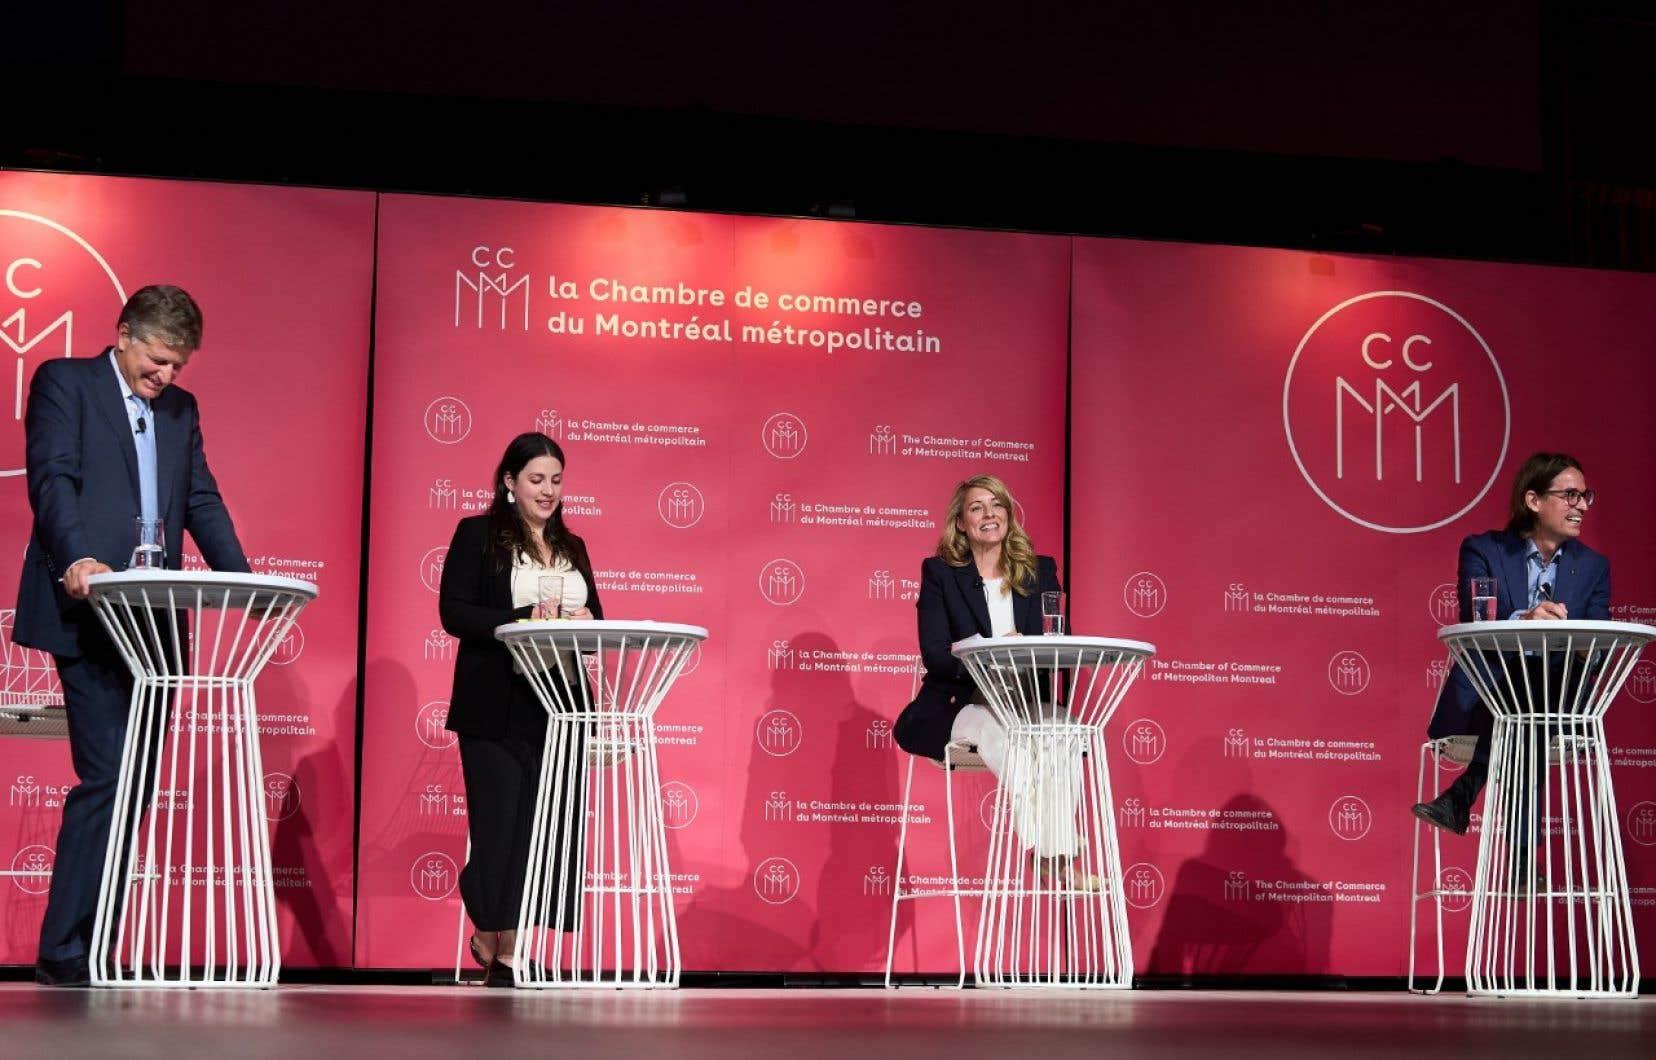 Quatre candidats ont débattu d'enjeux économiques, mardi soir, à l'invitation de la Chambre de commerce du Montréal métropolitain.